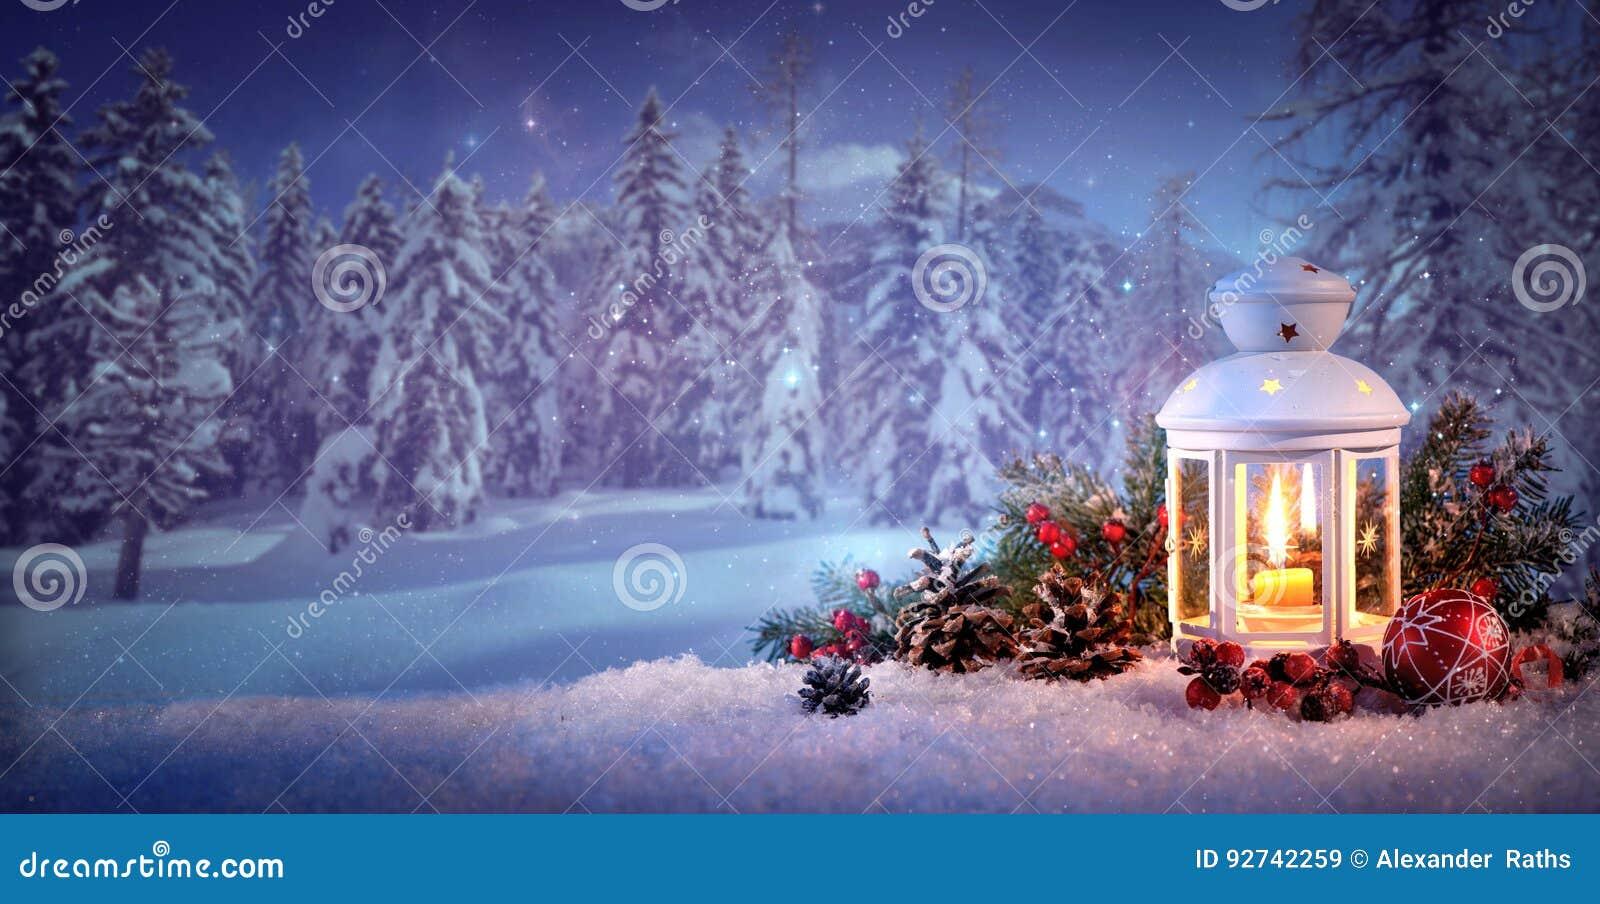 горящий снежок фонарика